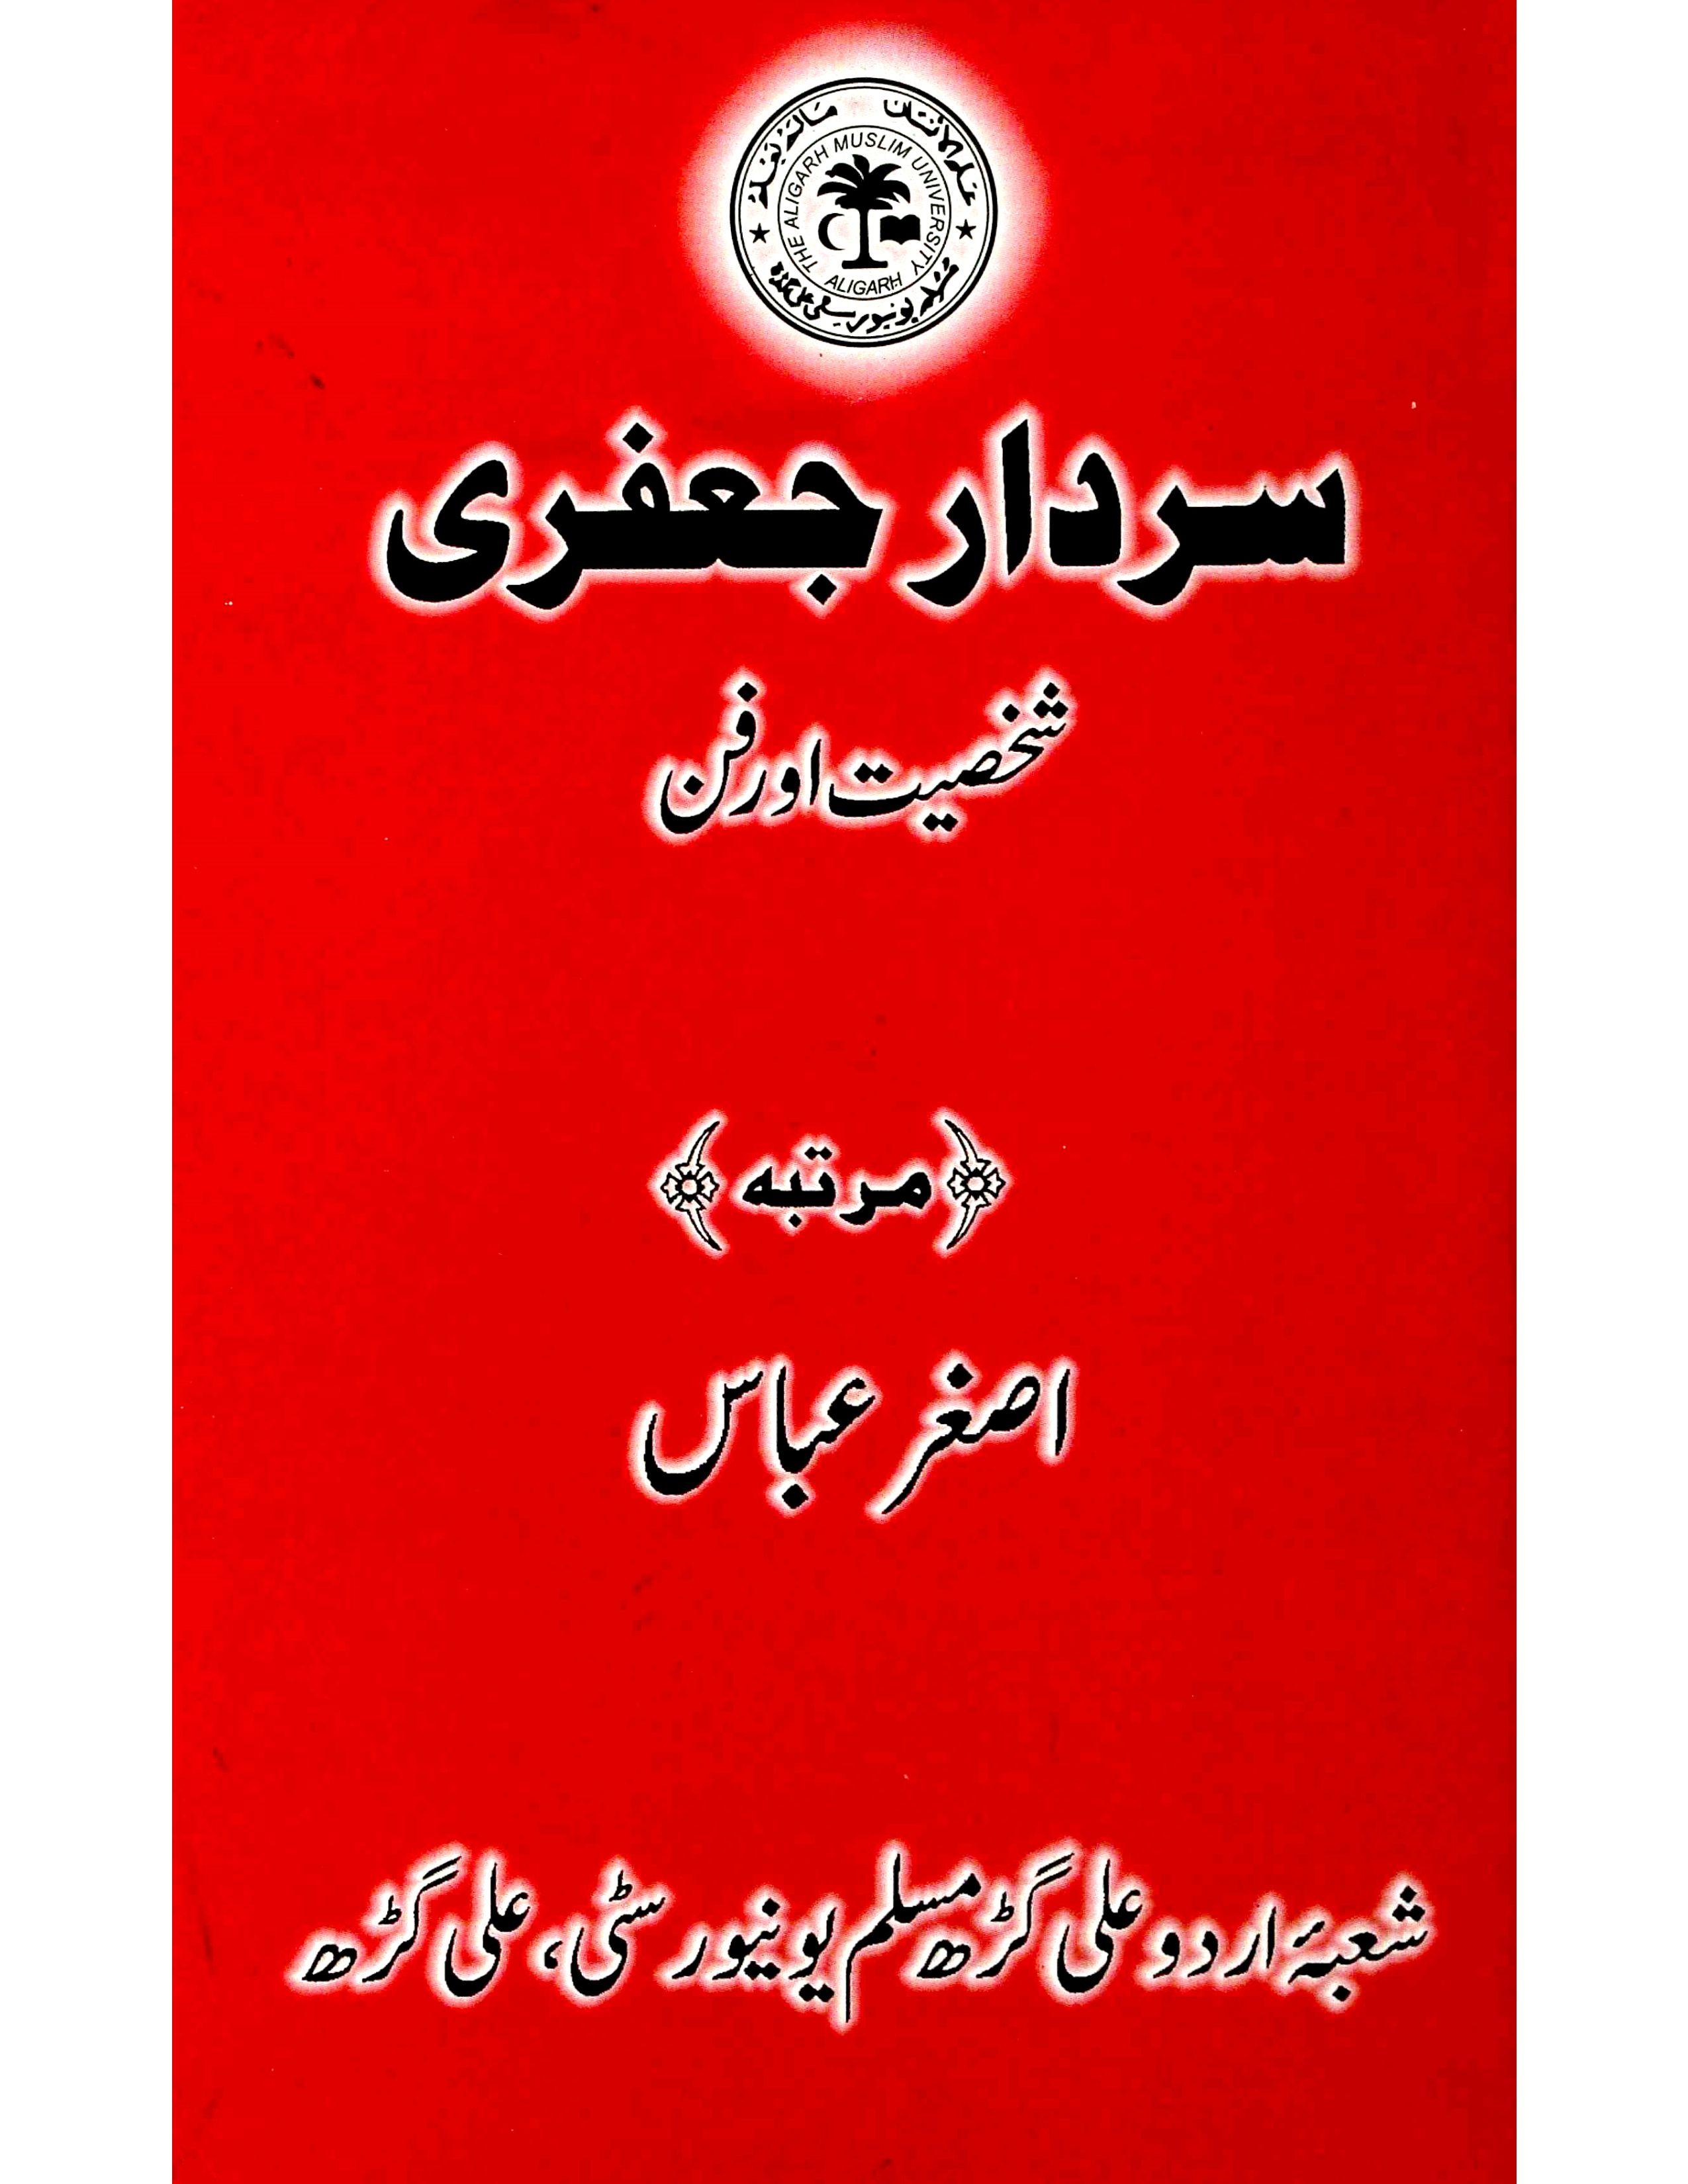 Sardar Jafri Shakhsiyat Aur Fan